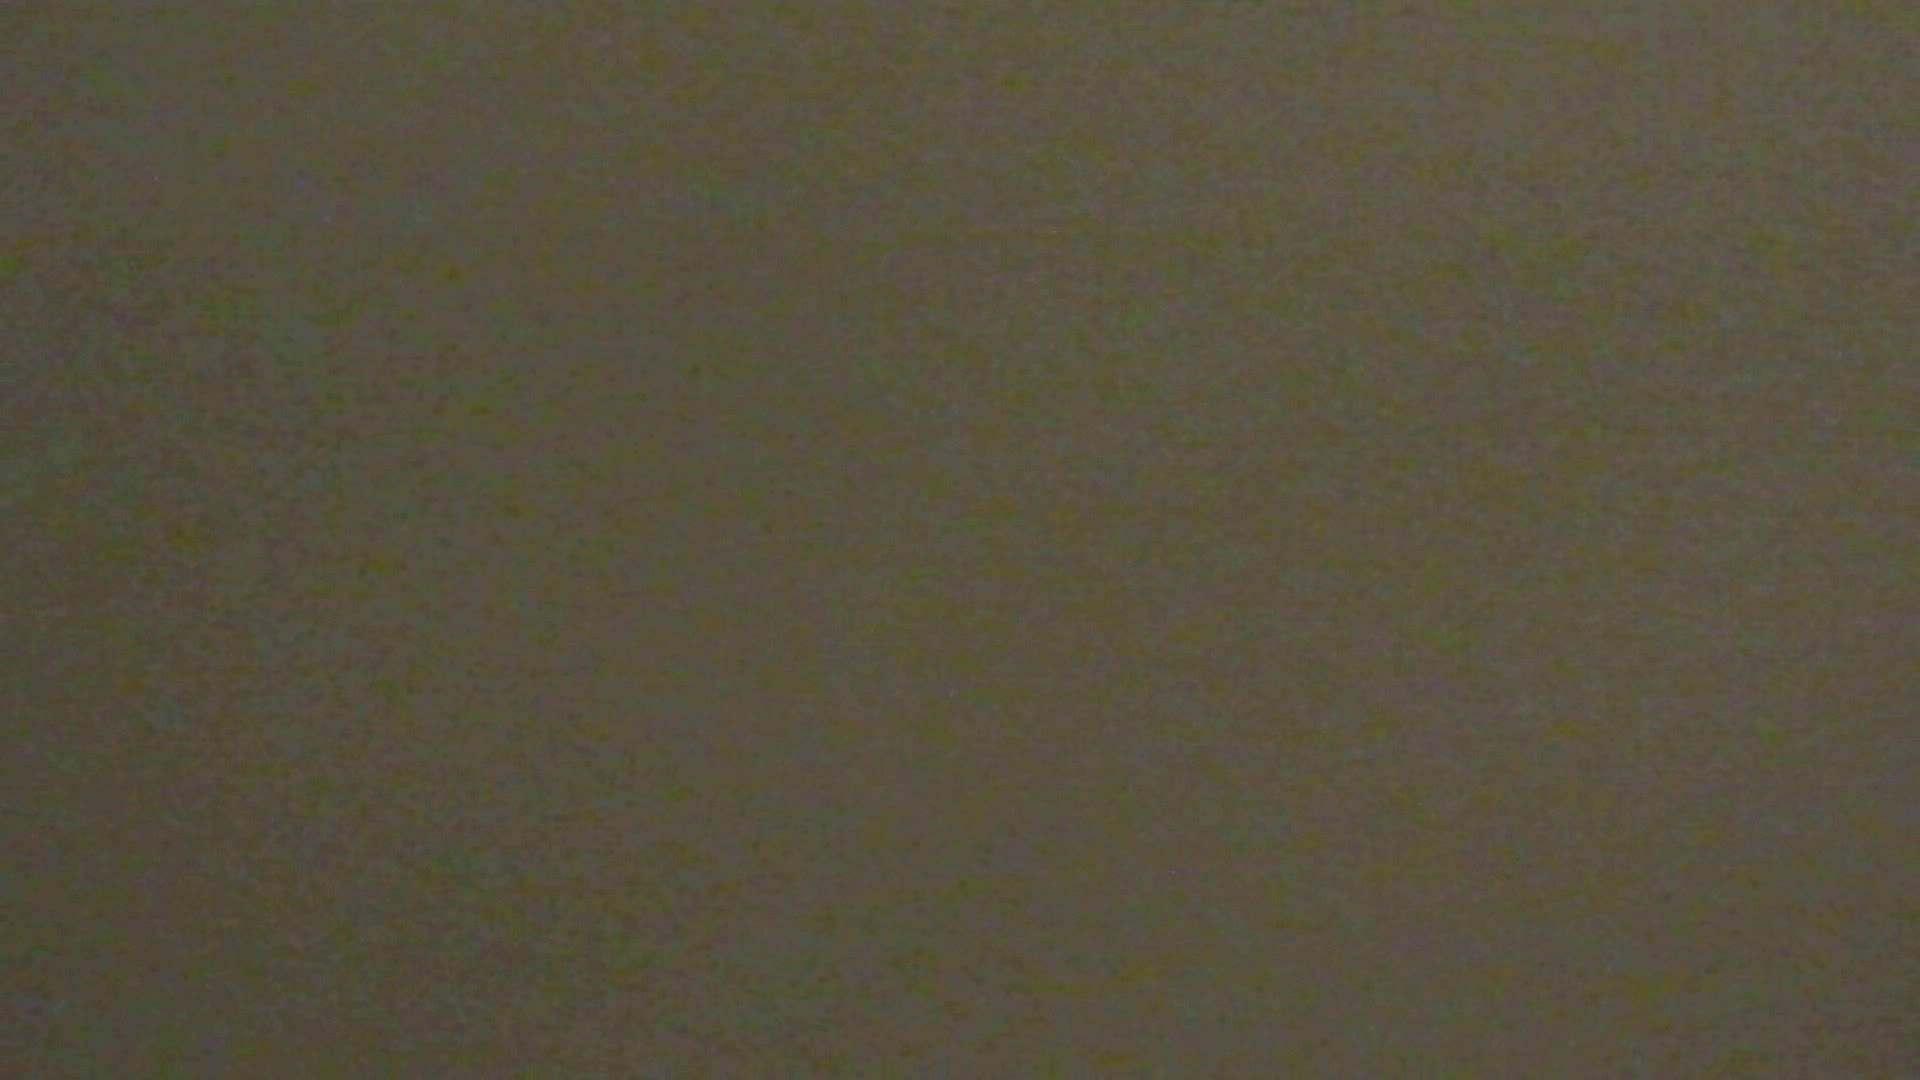 阿国ちゃんの「和式洋式七変化」No.14 和式   お姉さん  79画像 4